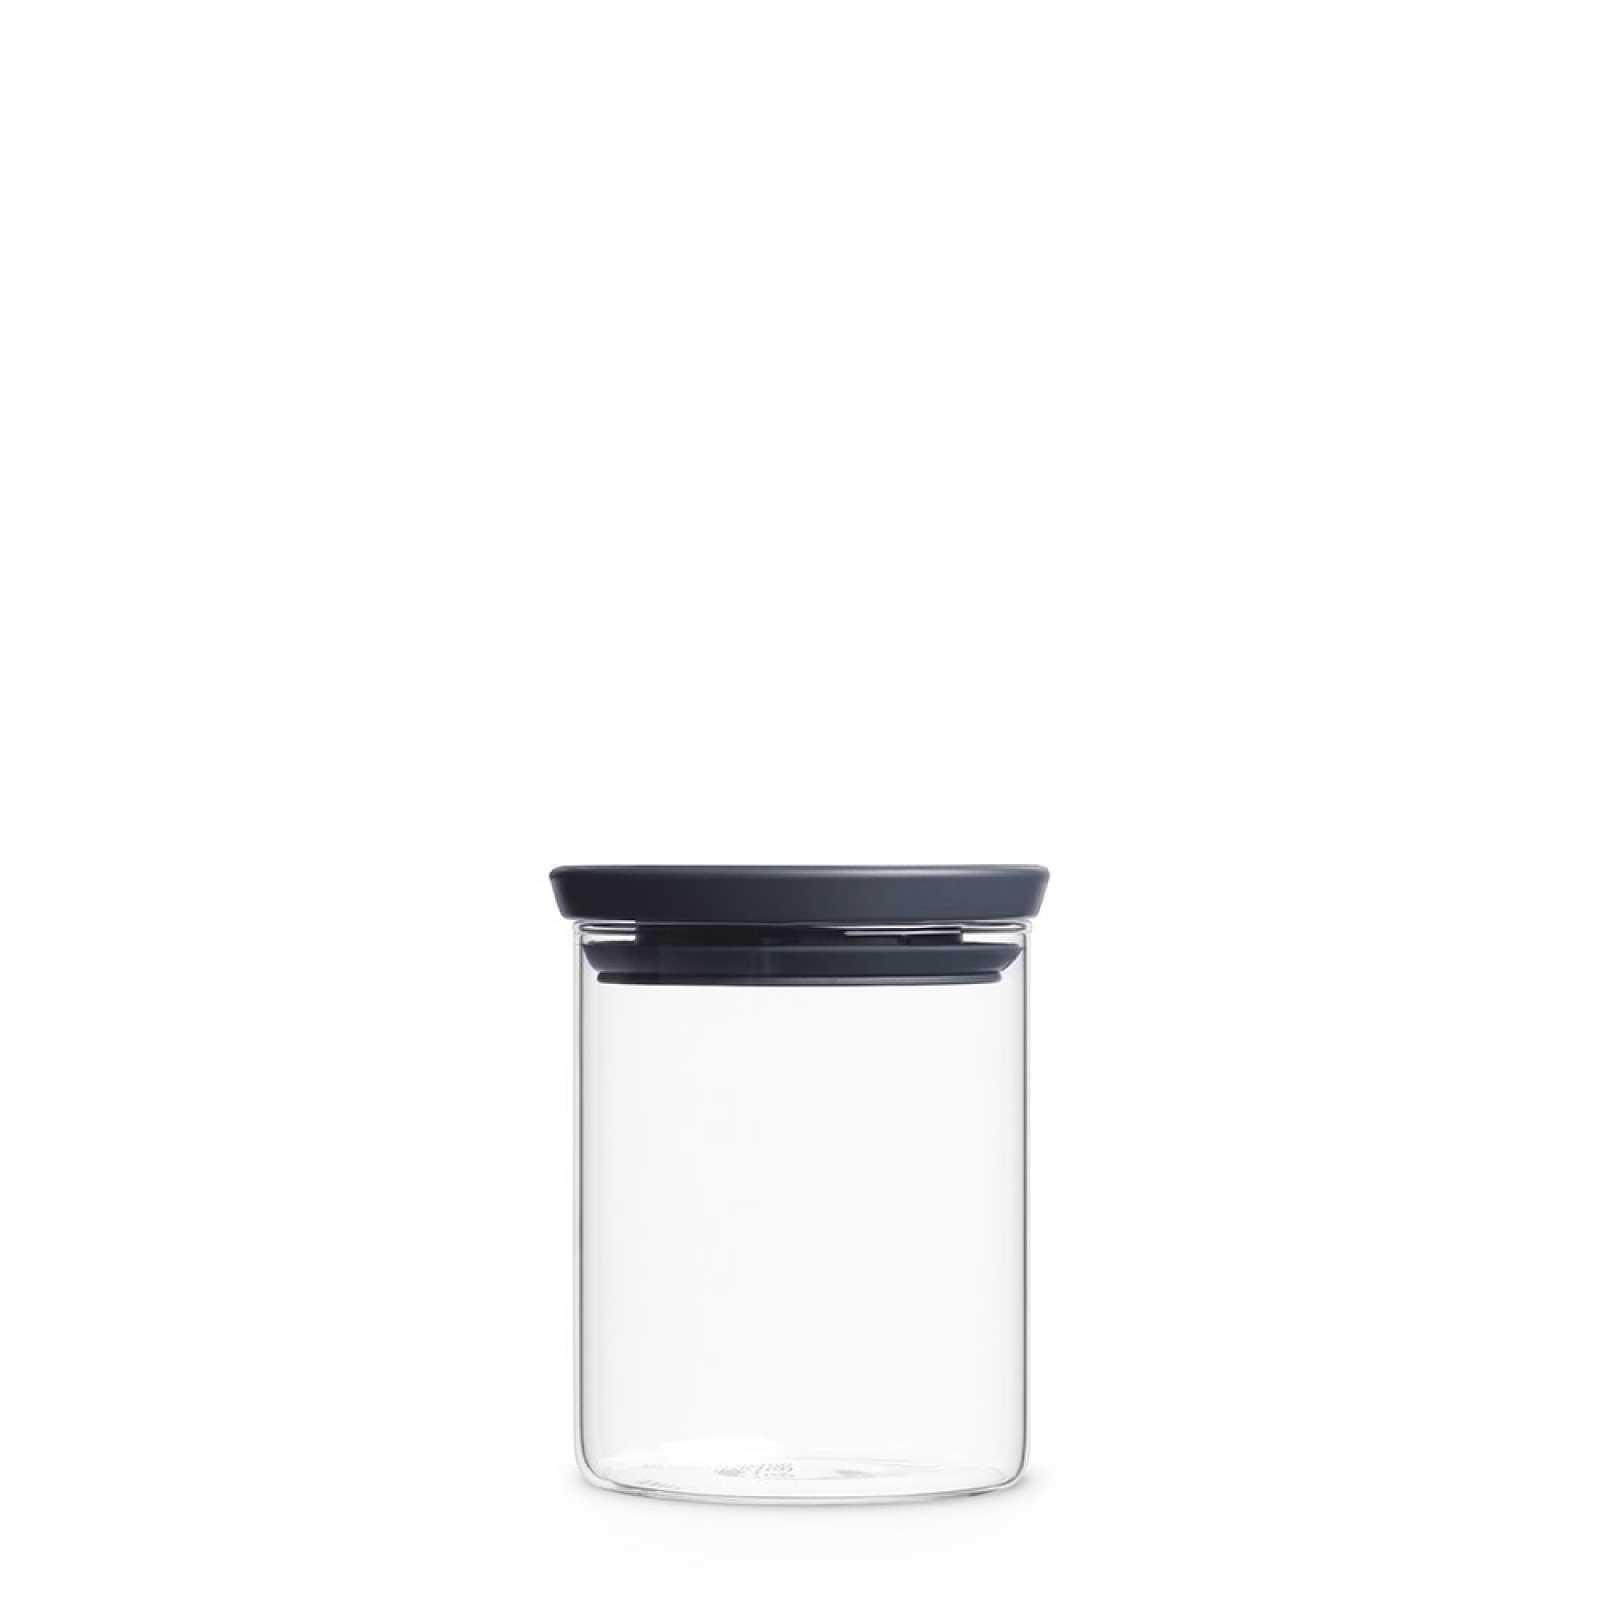 Онлайн каталог PROMENU: Банка модульная стеклянная Brabantia, объем 0,6 л, прозрачный с серым Brabantia 298288